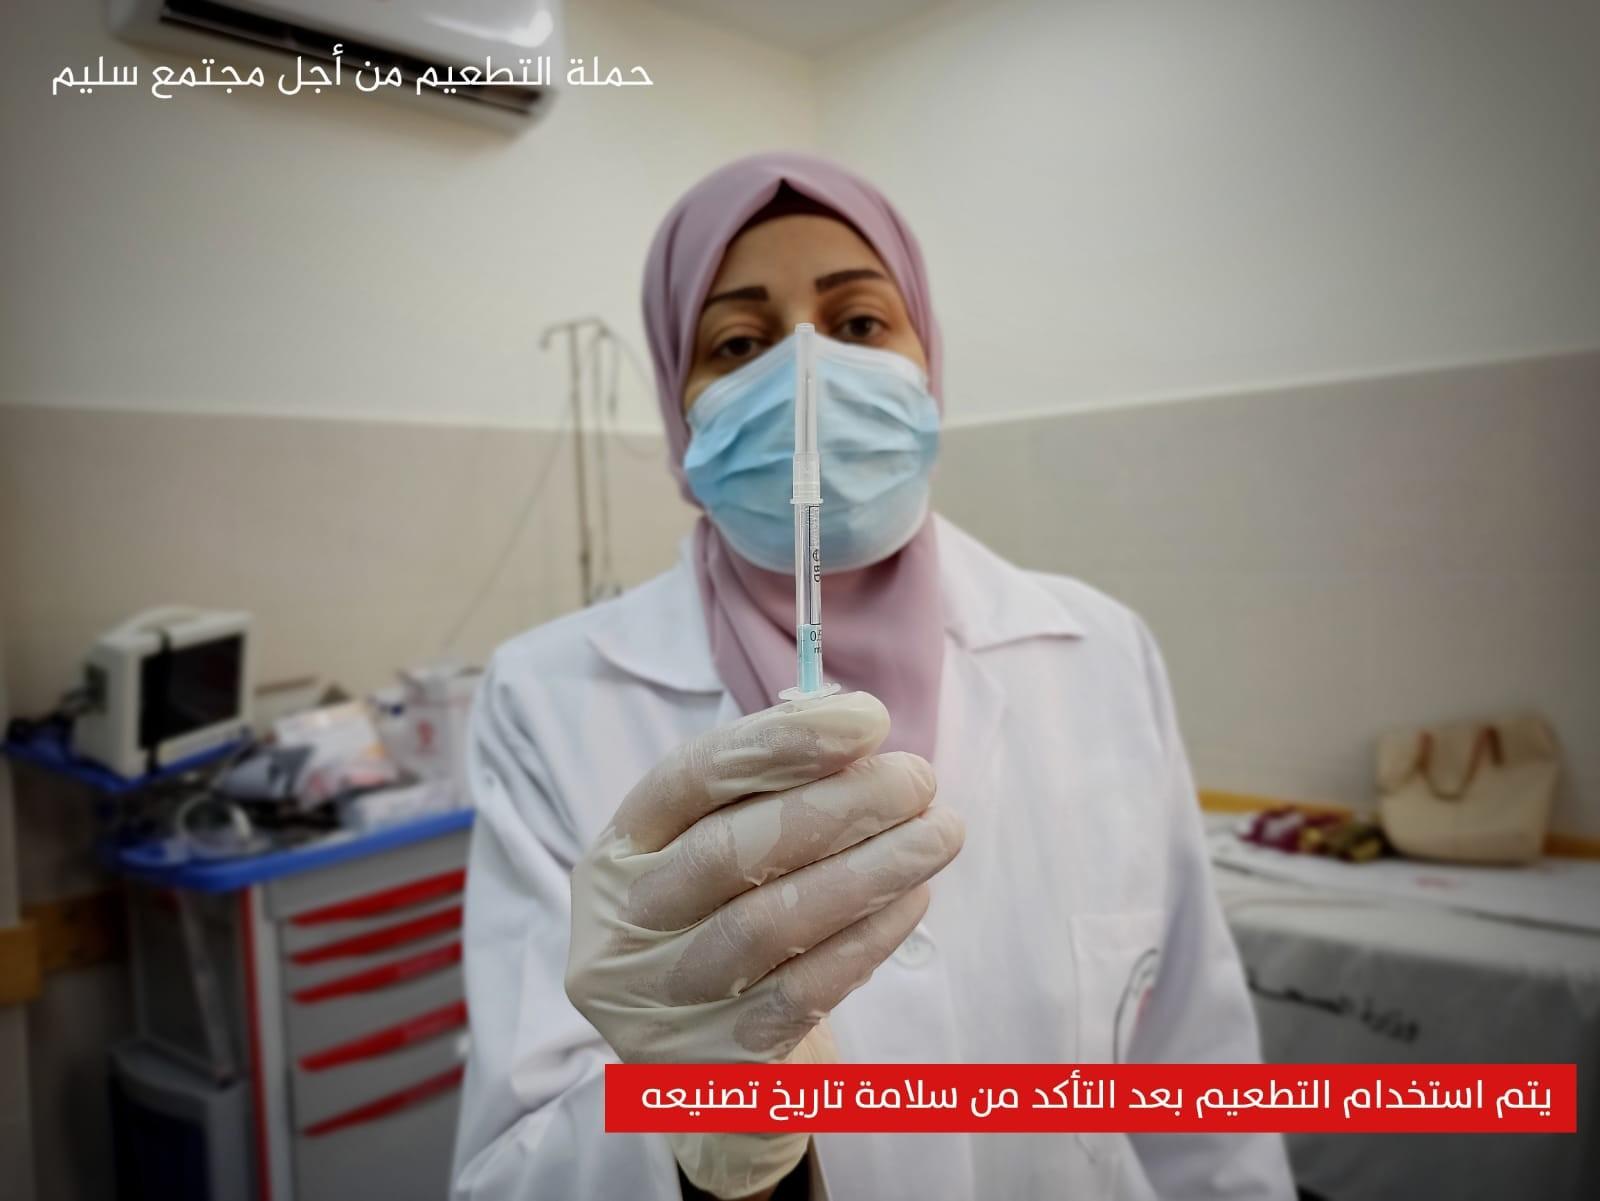 مراحل حفظ لقاح كورونا بغزة 17